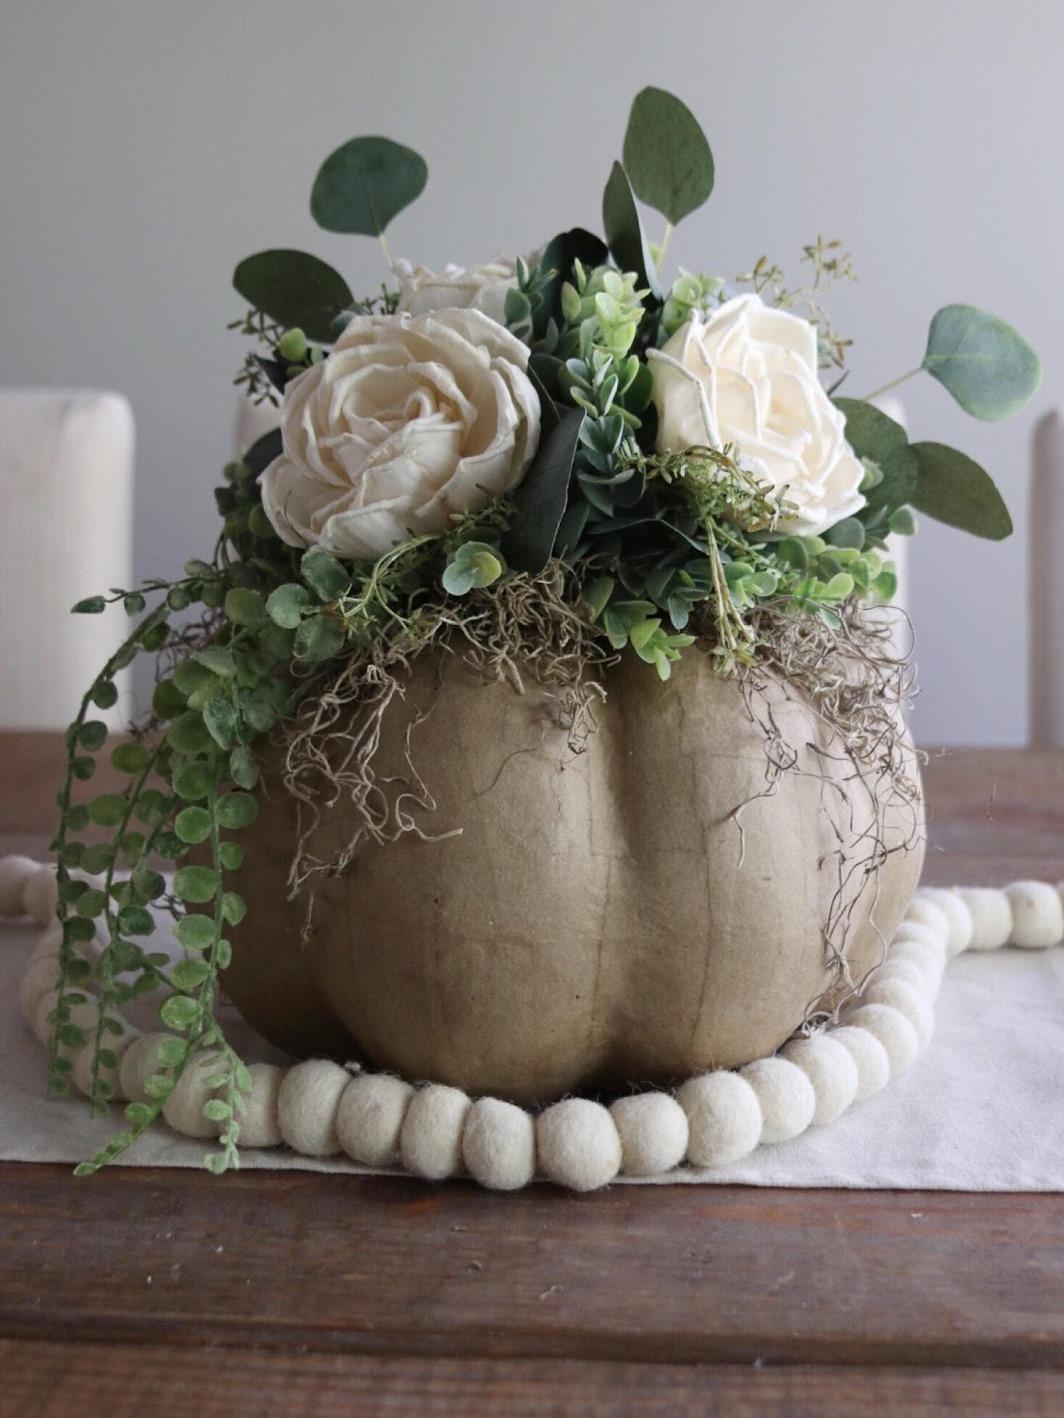 Как сделать цветочную композицию - прикрепите мох